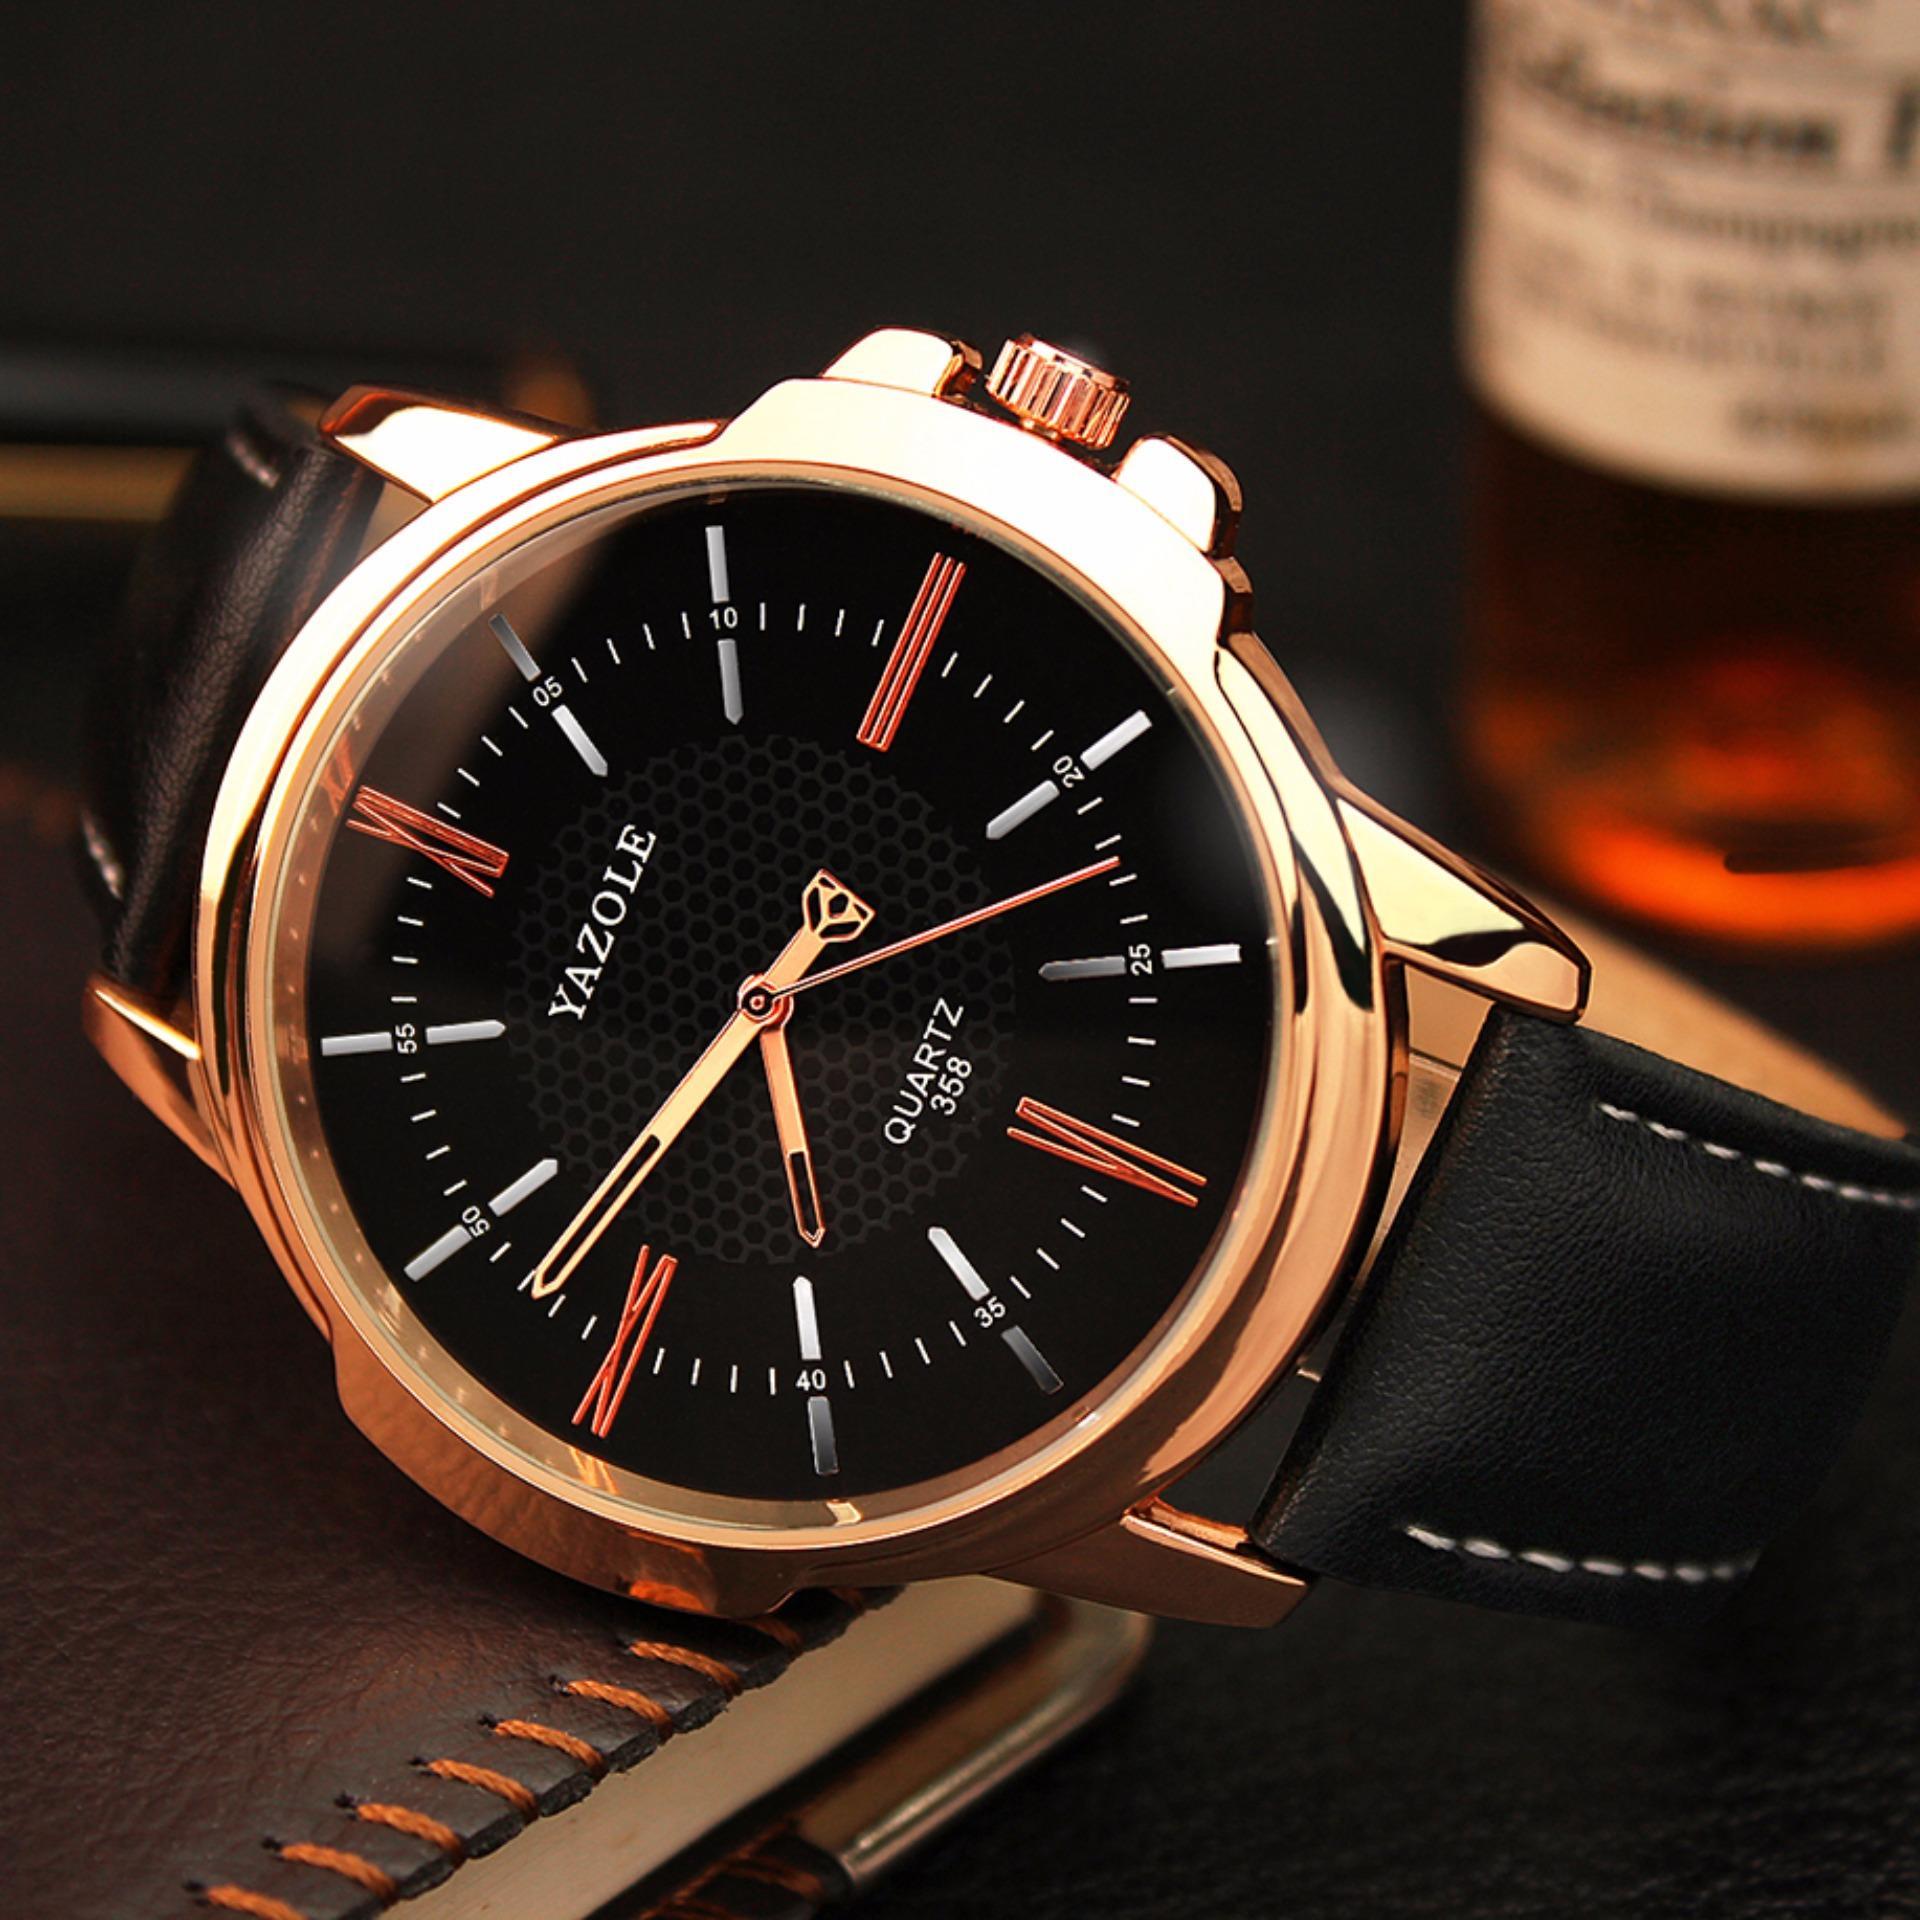 Đồng hồ nam dây da Yazole 358 mặt đen quai đen